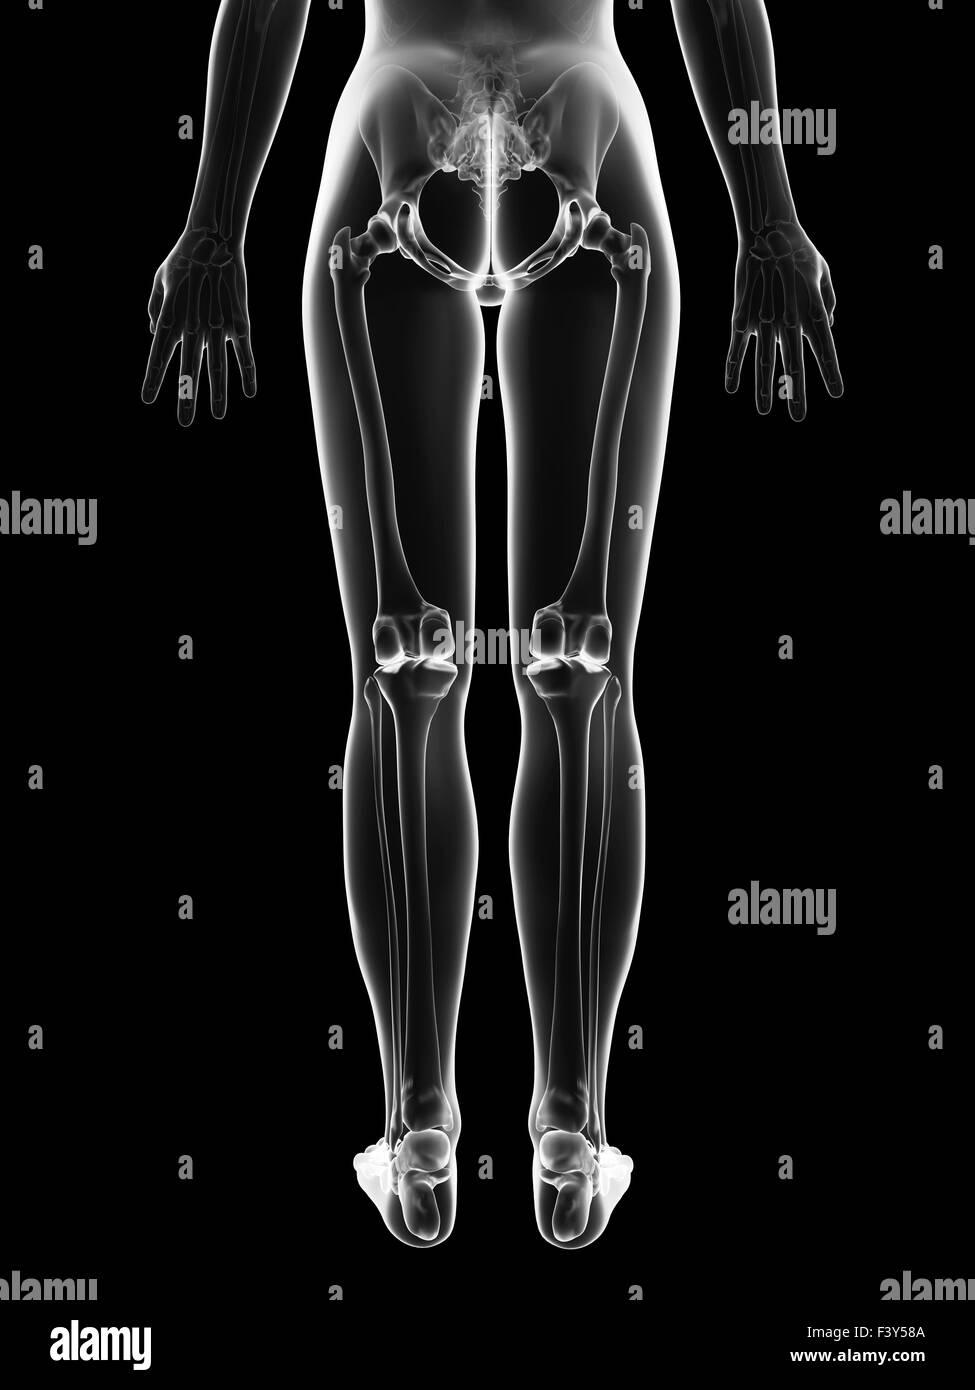 transparente weibliches Skelett - Beinknochen Stockfoto, Bild ...